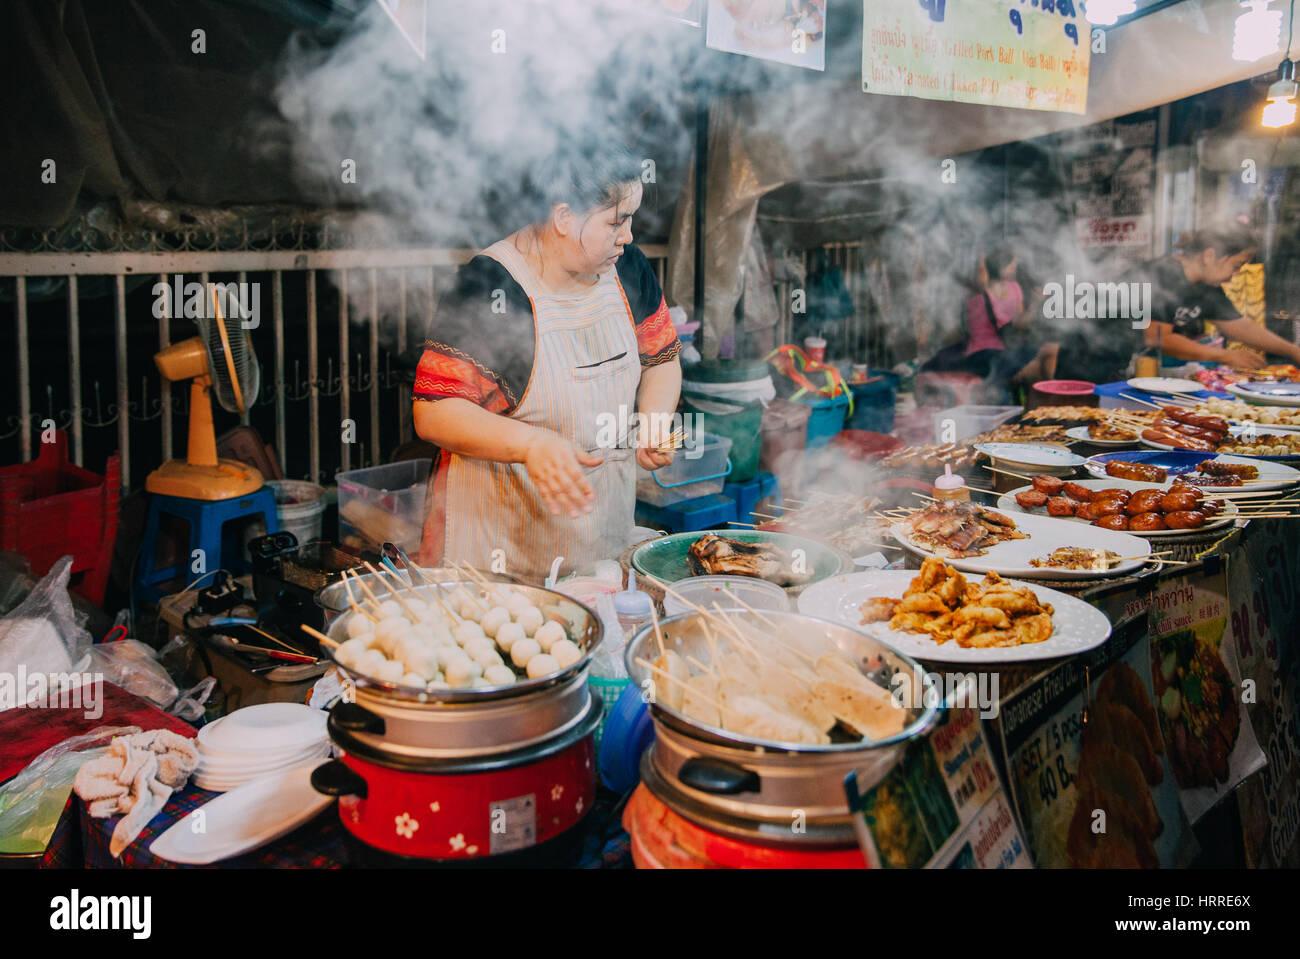 Chiang Mai, Thailandia - Agosto 27, 2016: tailandese donna cuoce il cibo in vendita presso il sabato notte di mercato Immagini Stock